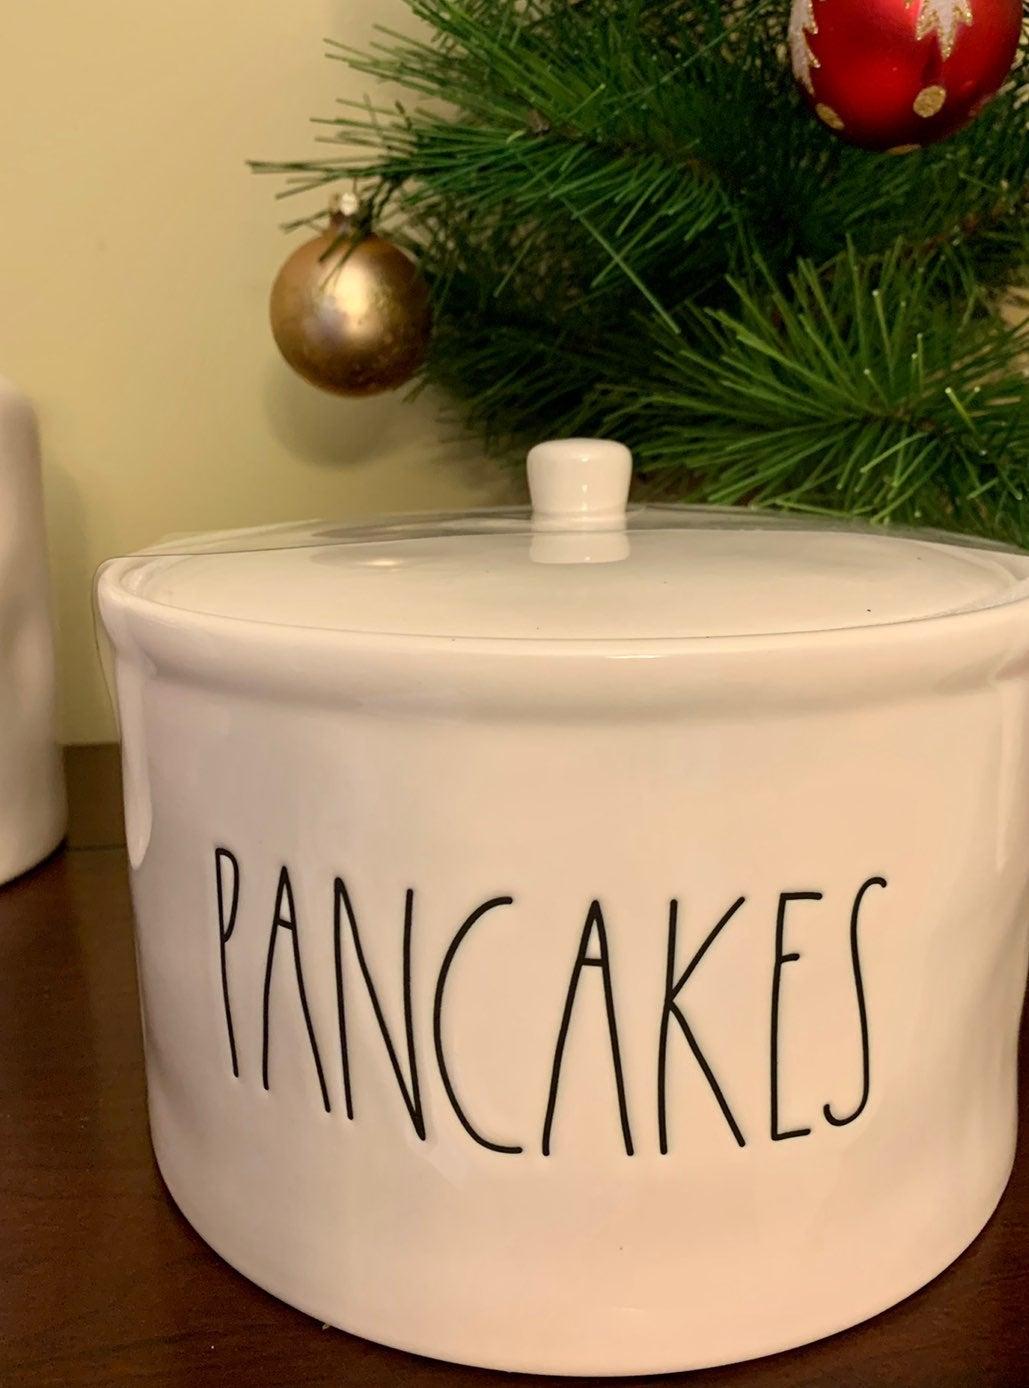 Rae Dunn Pancakes